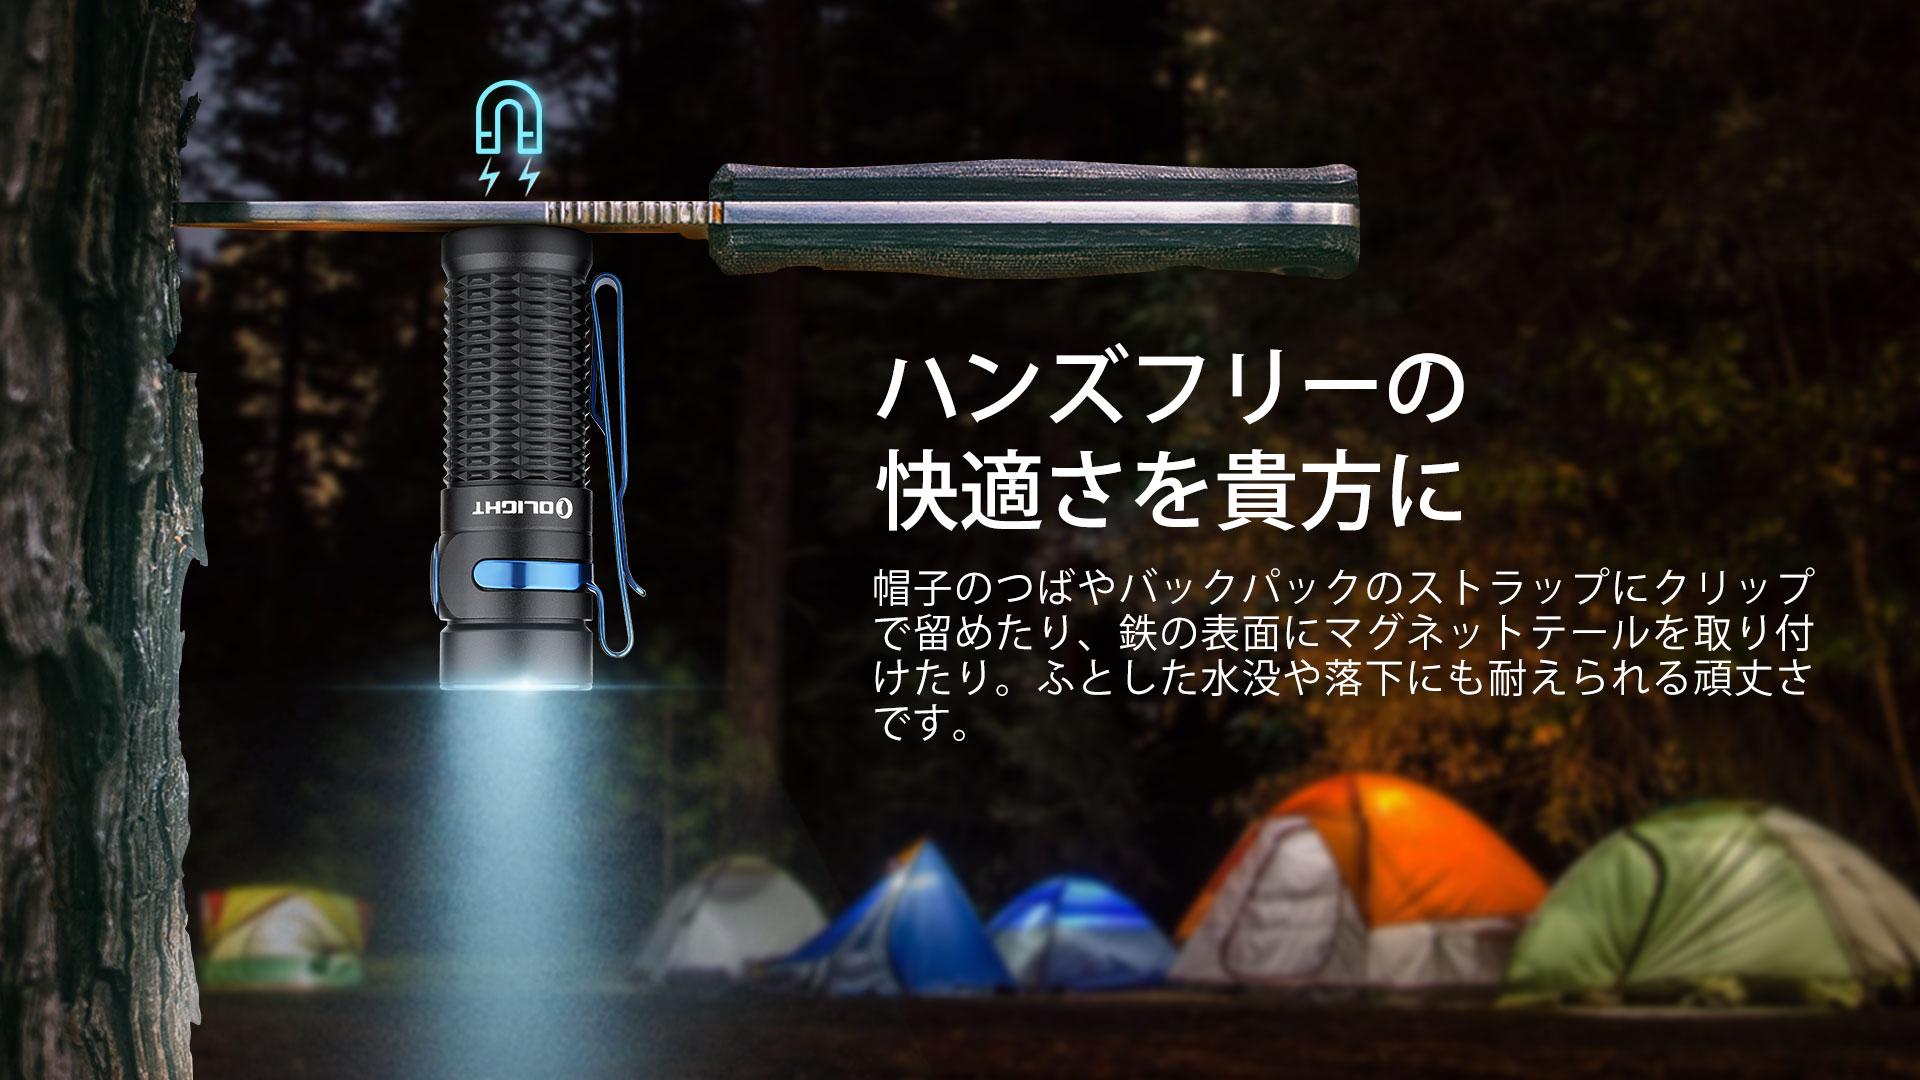 Baton 3は簡単に固定できる磁気底部設計になっています。